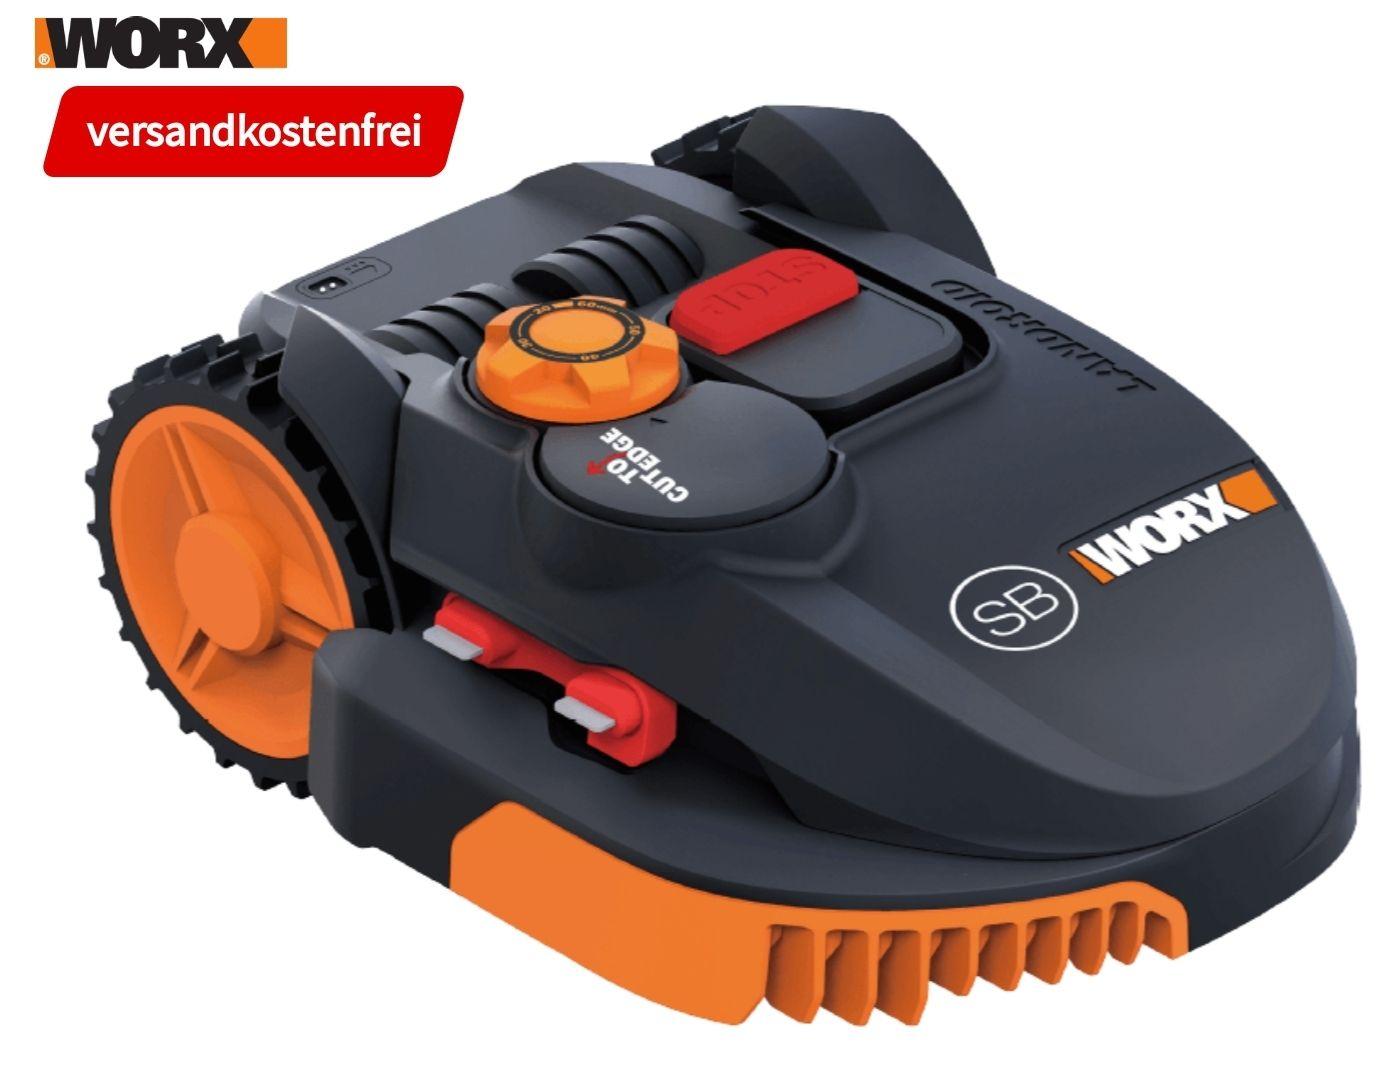 WORX Landroid S 500l -WR104Sl.1